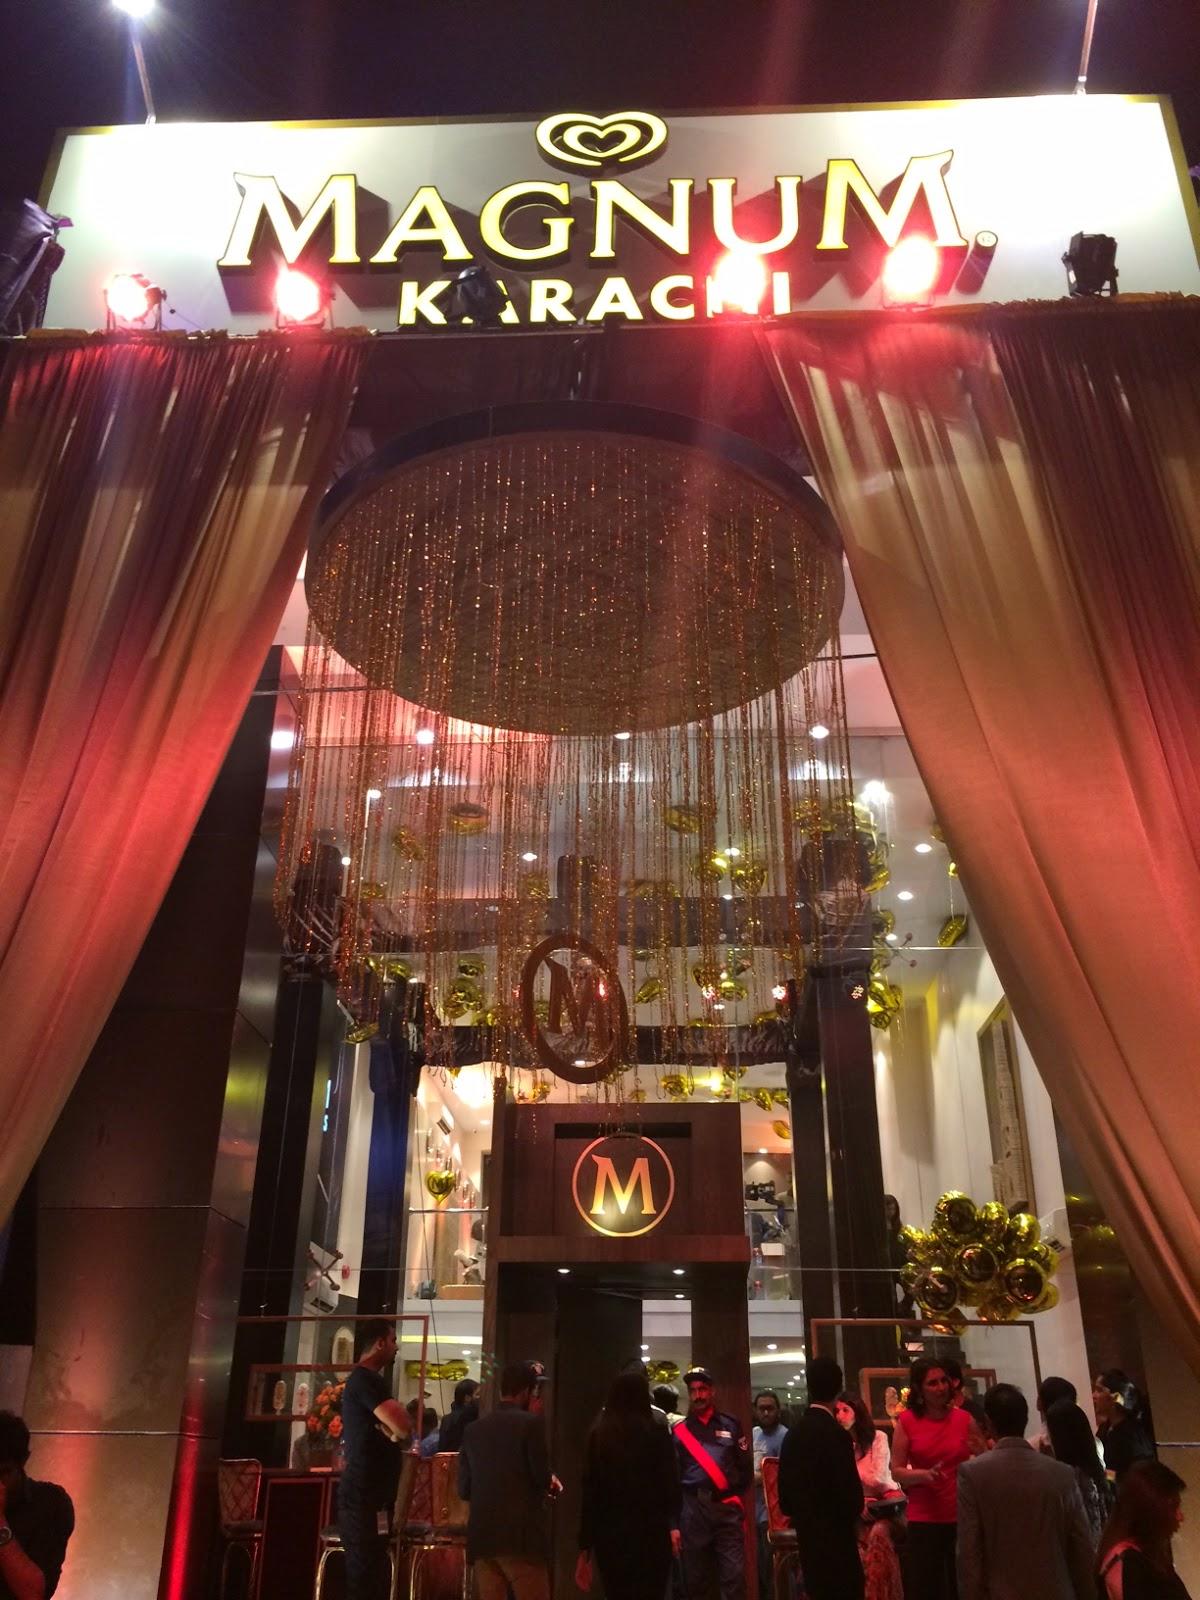 Magnum Store Karachi